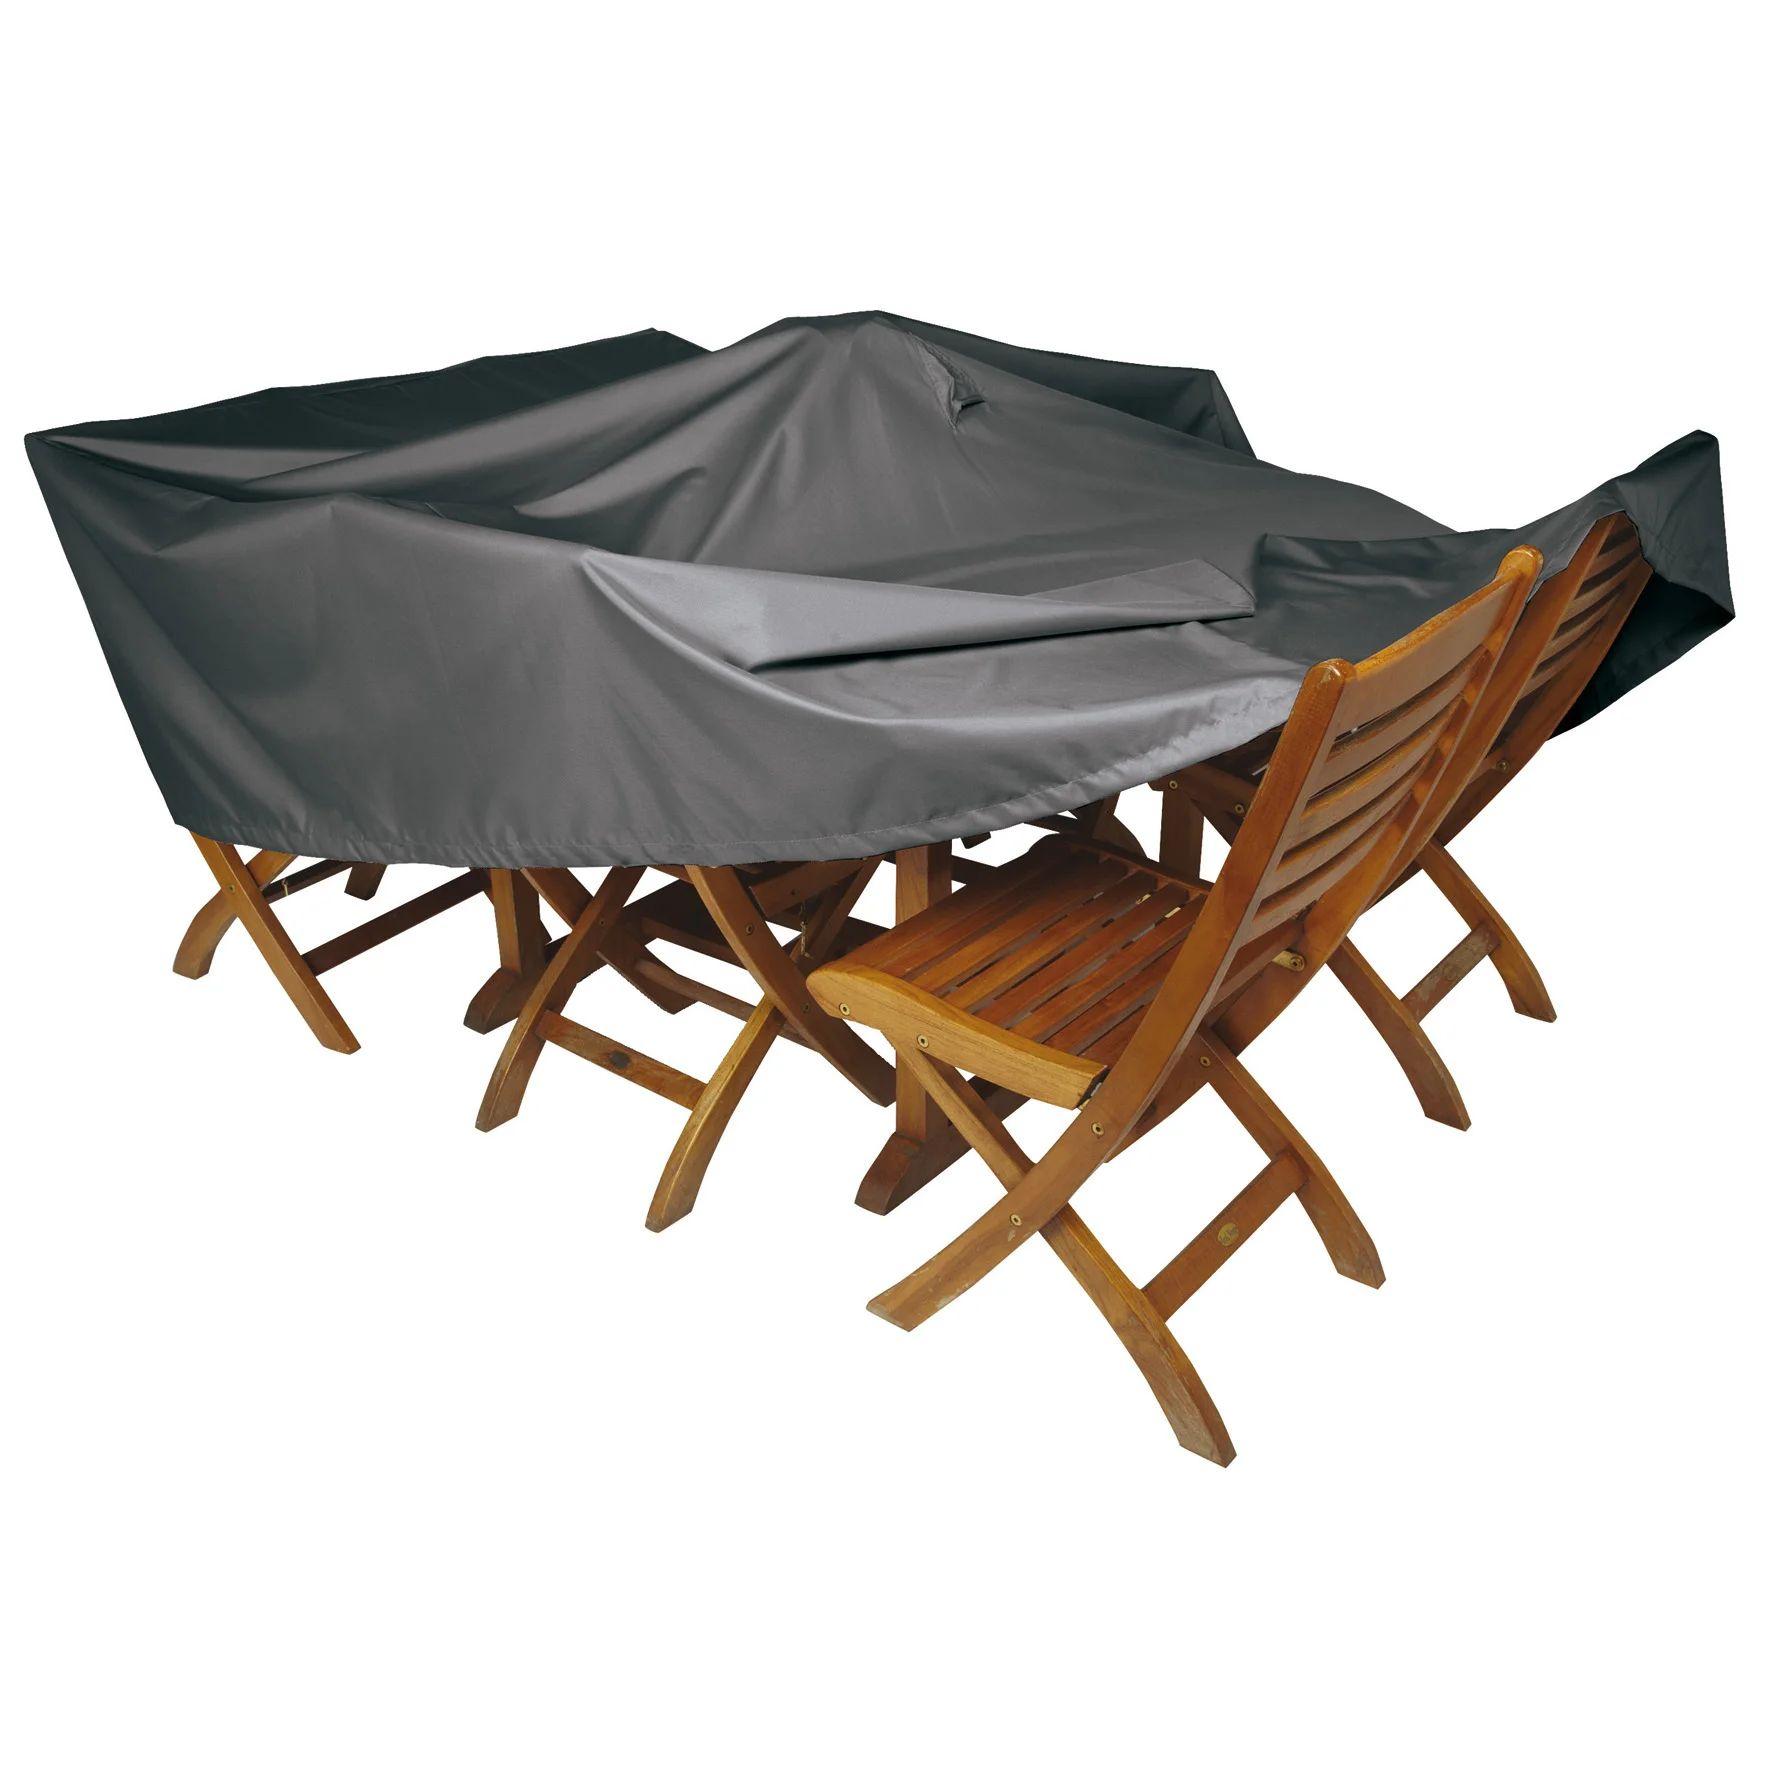 Housse De Protection Pour Table Naterial L 200 X L 130 X H 60 Cm Leroy Merlin